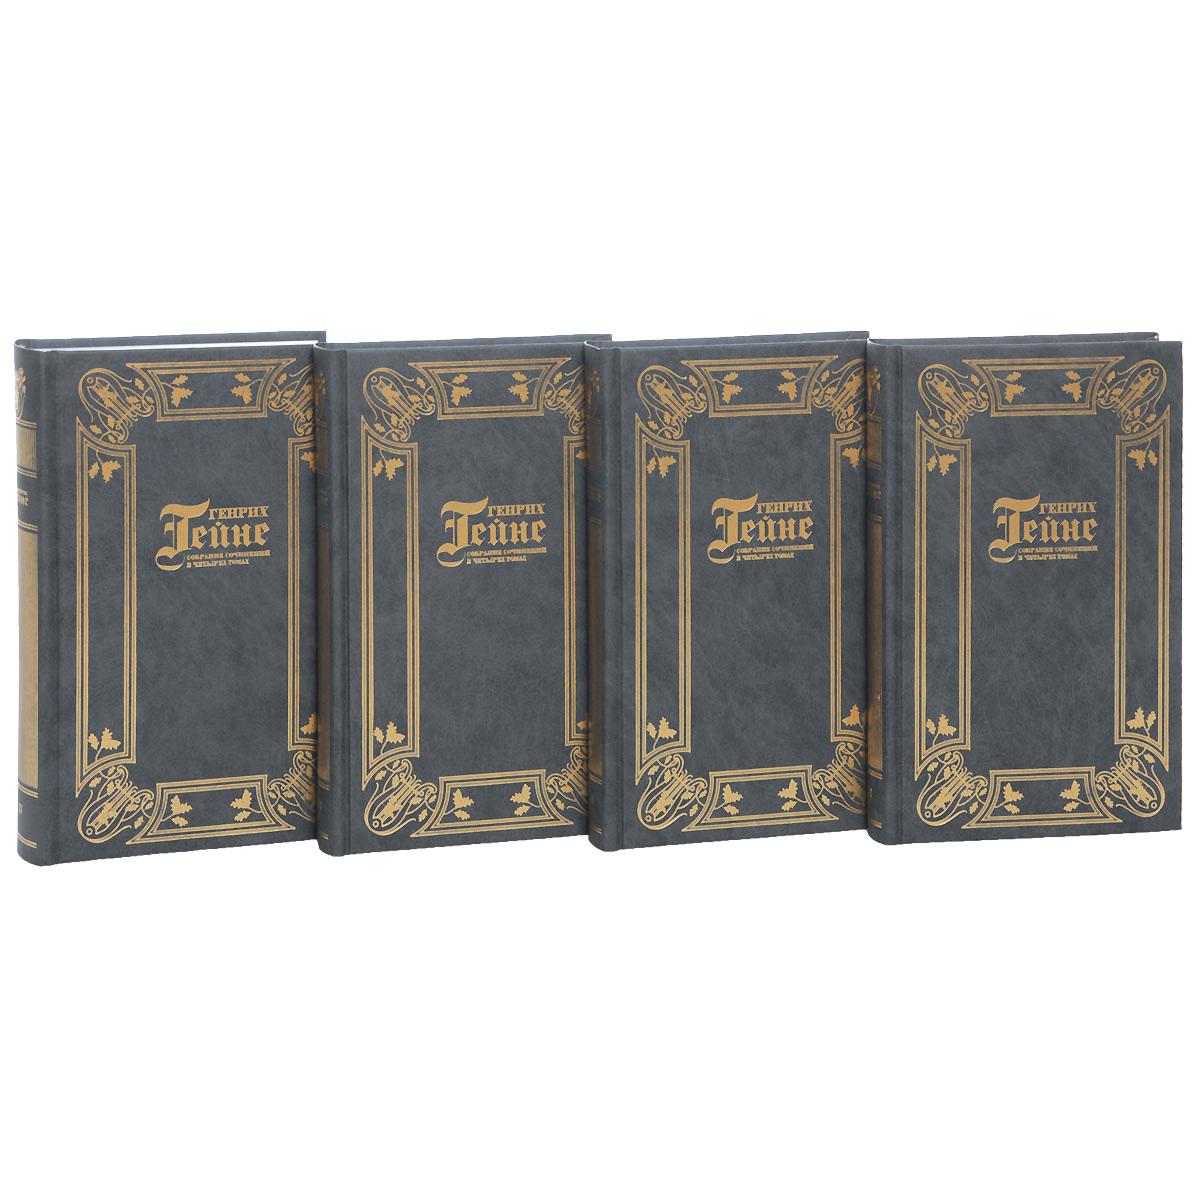 Генрих Гейне. Собрание сочинений. В 4 томах (комплект)